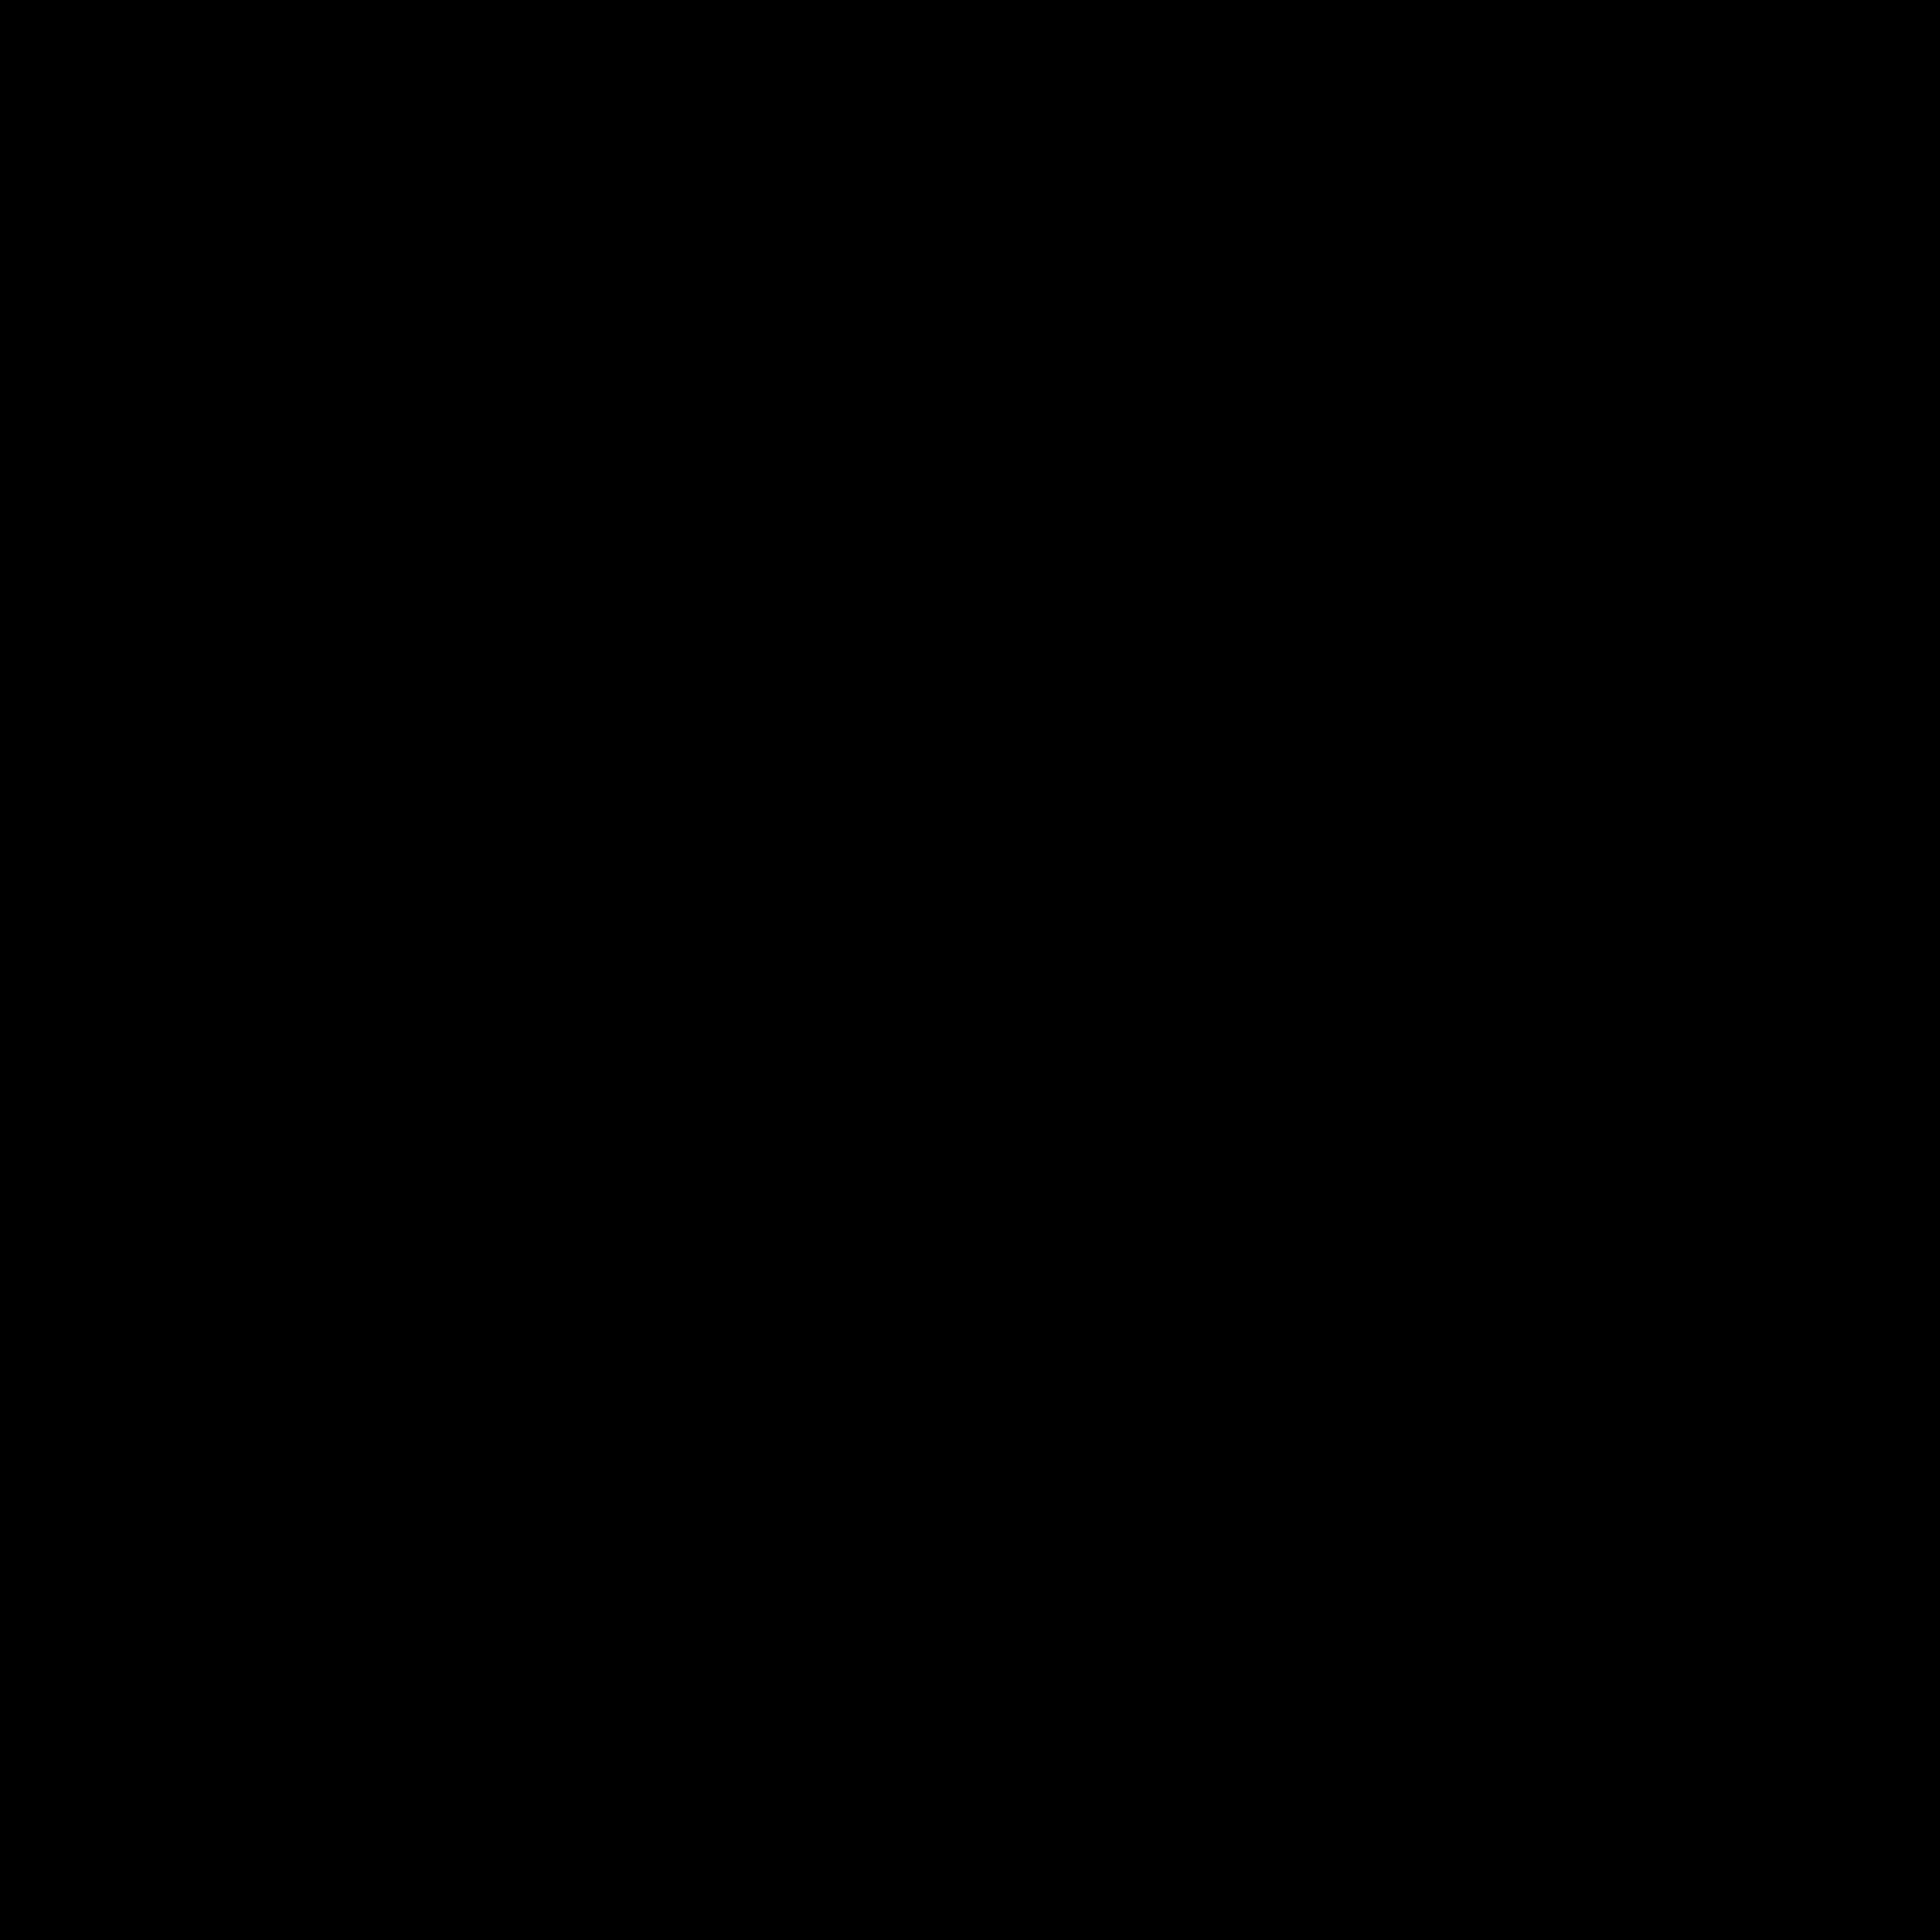 RESIDENTIAL - Add a description of your services here. Cum sociis natoque penatibus et magnis dolor sit amet. Natoque penatibus et. Cras justo odio, dapibus ac facilisis in, egestas eget quam.